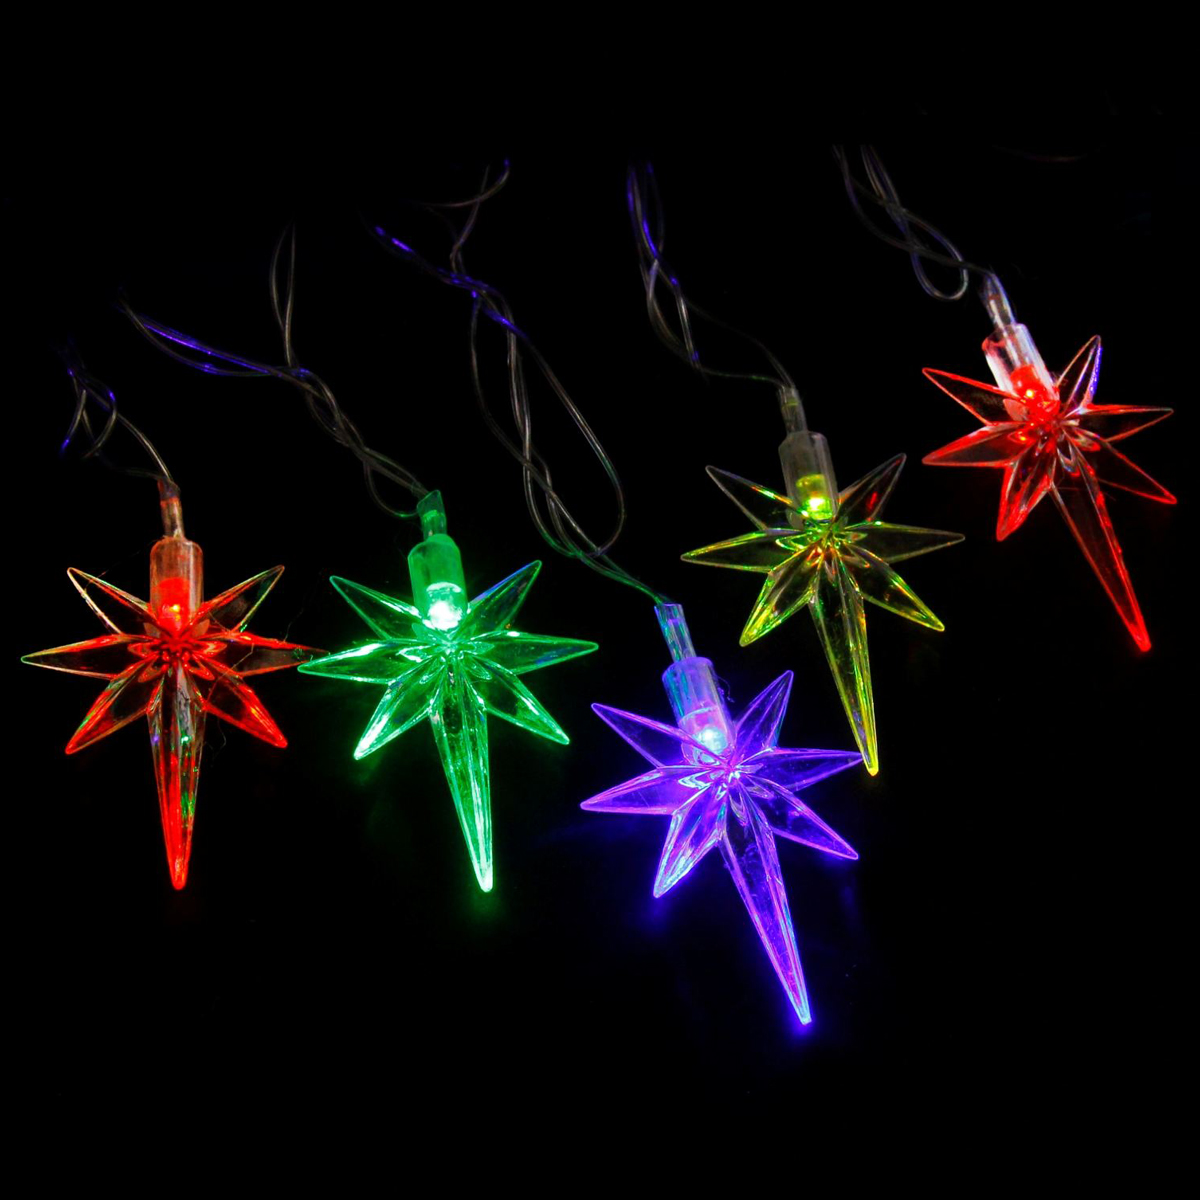 Гирлянда светодиодная Luazon Метраж. Звезда, 20 ламп, 220 V, длина 5 м703338Светодиодные гирлянды и ленты — это отличный вариант для новогоднего оформления интерьера или фасада. С их помощью помещение любого размера можно превратить в праздничный зал, а внешние элементы зданий, украшенные ими, мгновенно станут напоминать очертания сказочного дворца. Такие украшения создают ауру предвкушения чуда. Деревья, фасады, витрины, окна и арки будто специально созданы, чтобы вы украсили их светящимися нитями.